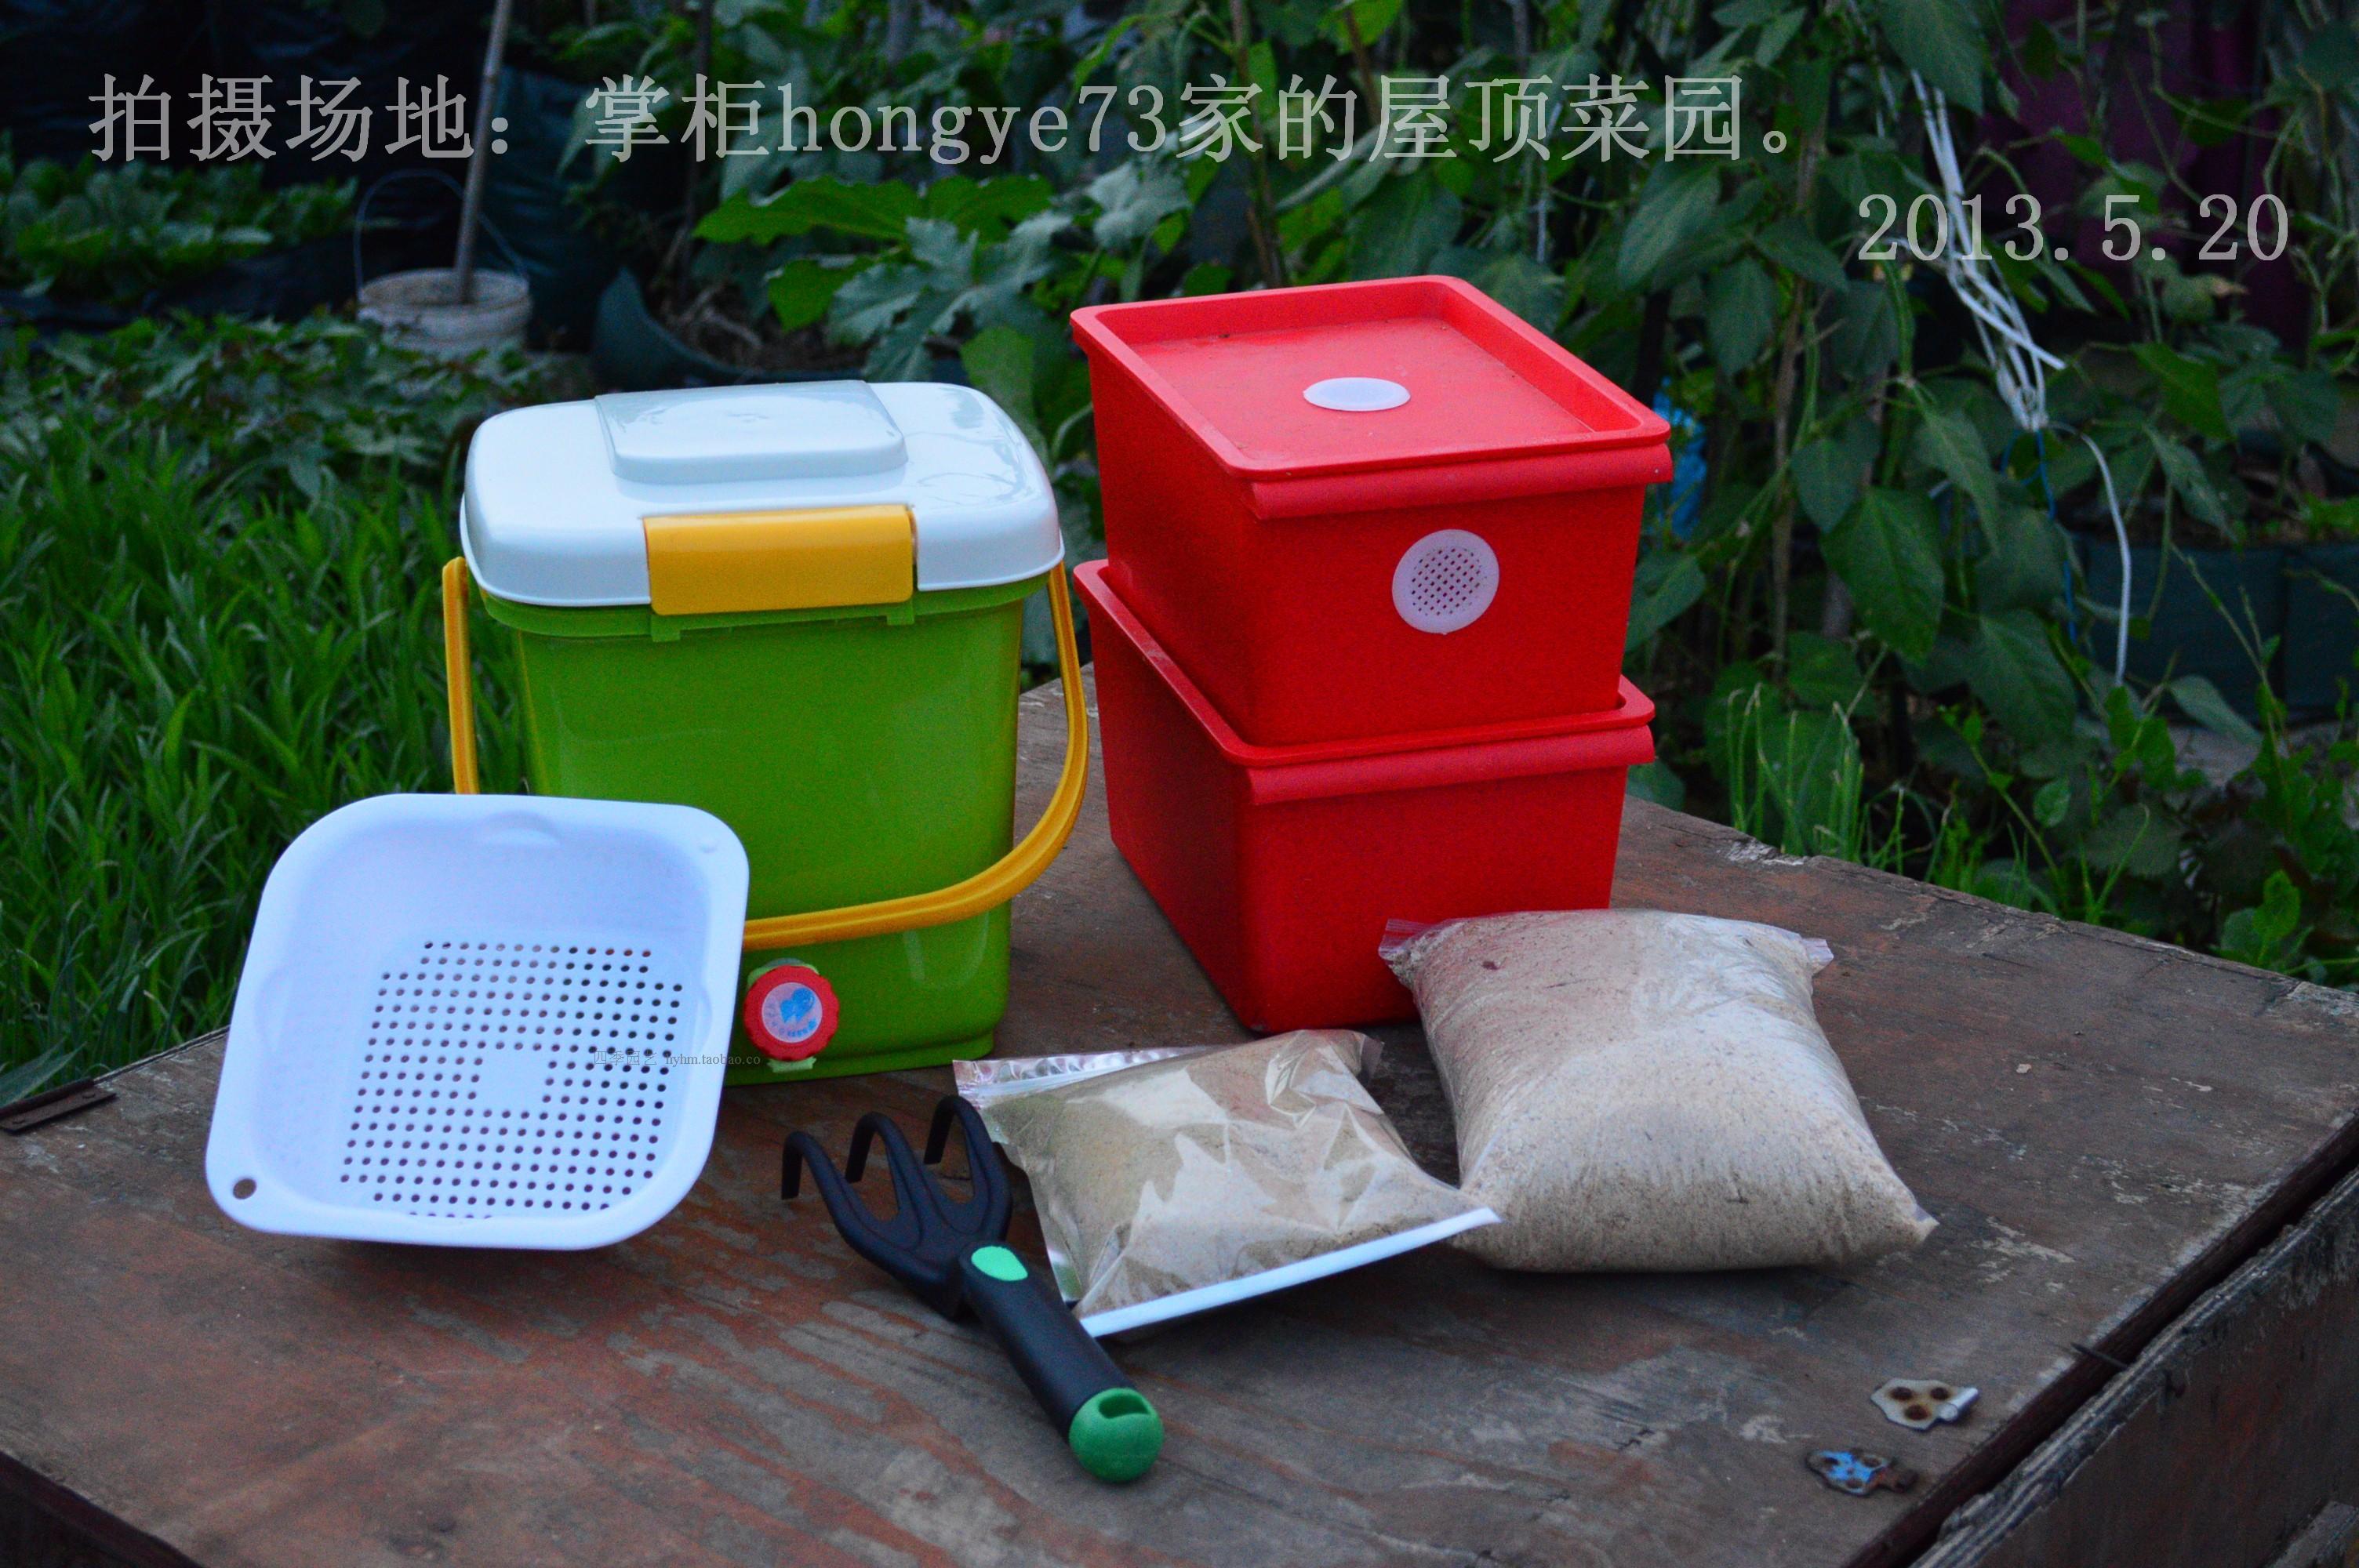 家庭蚯蚓堆肥箱 图片合集图片